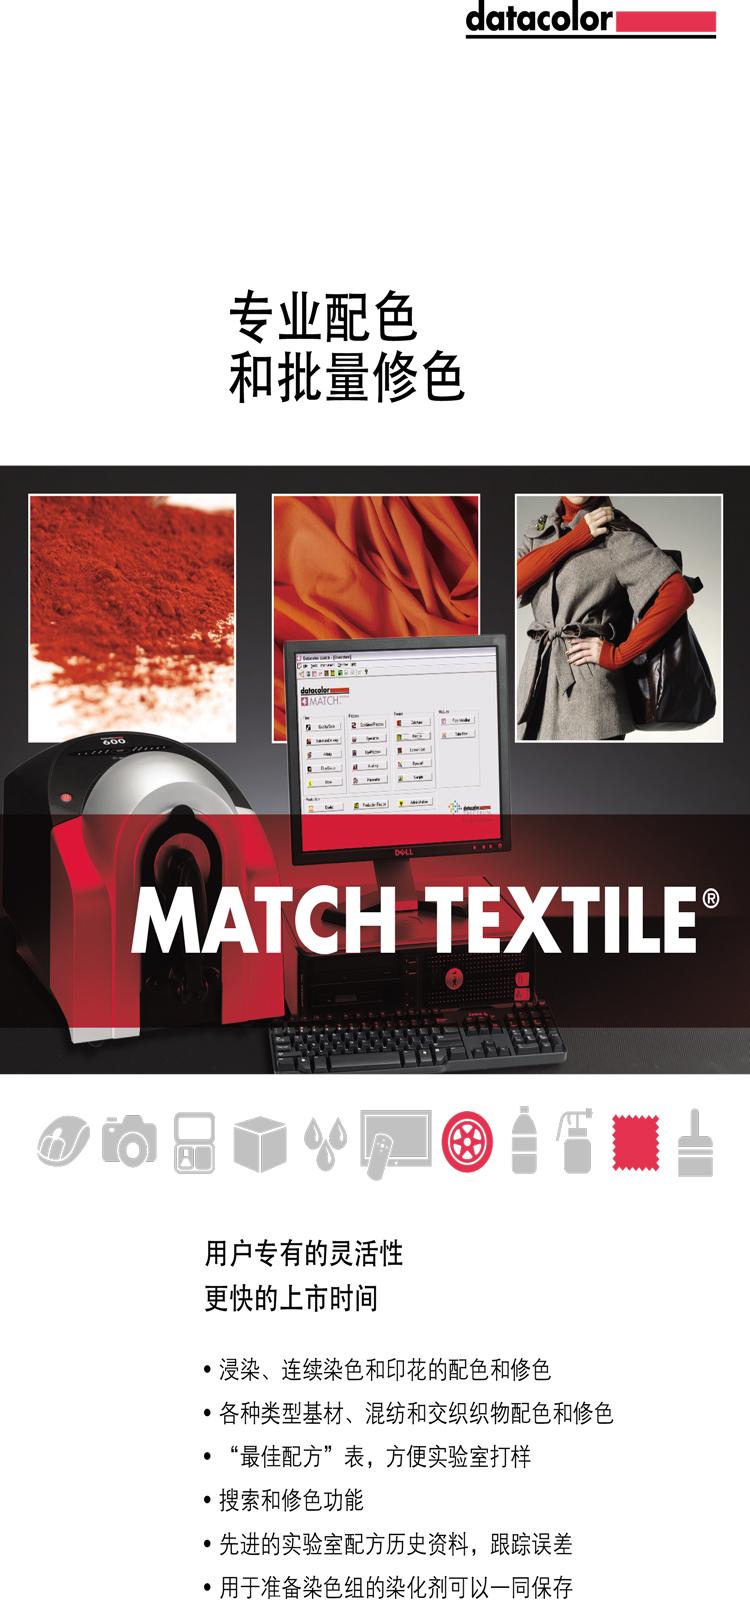 Match Textile